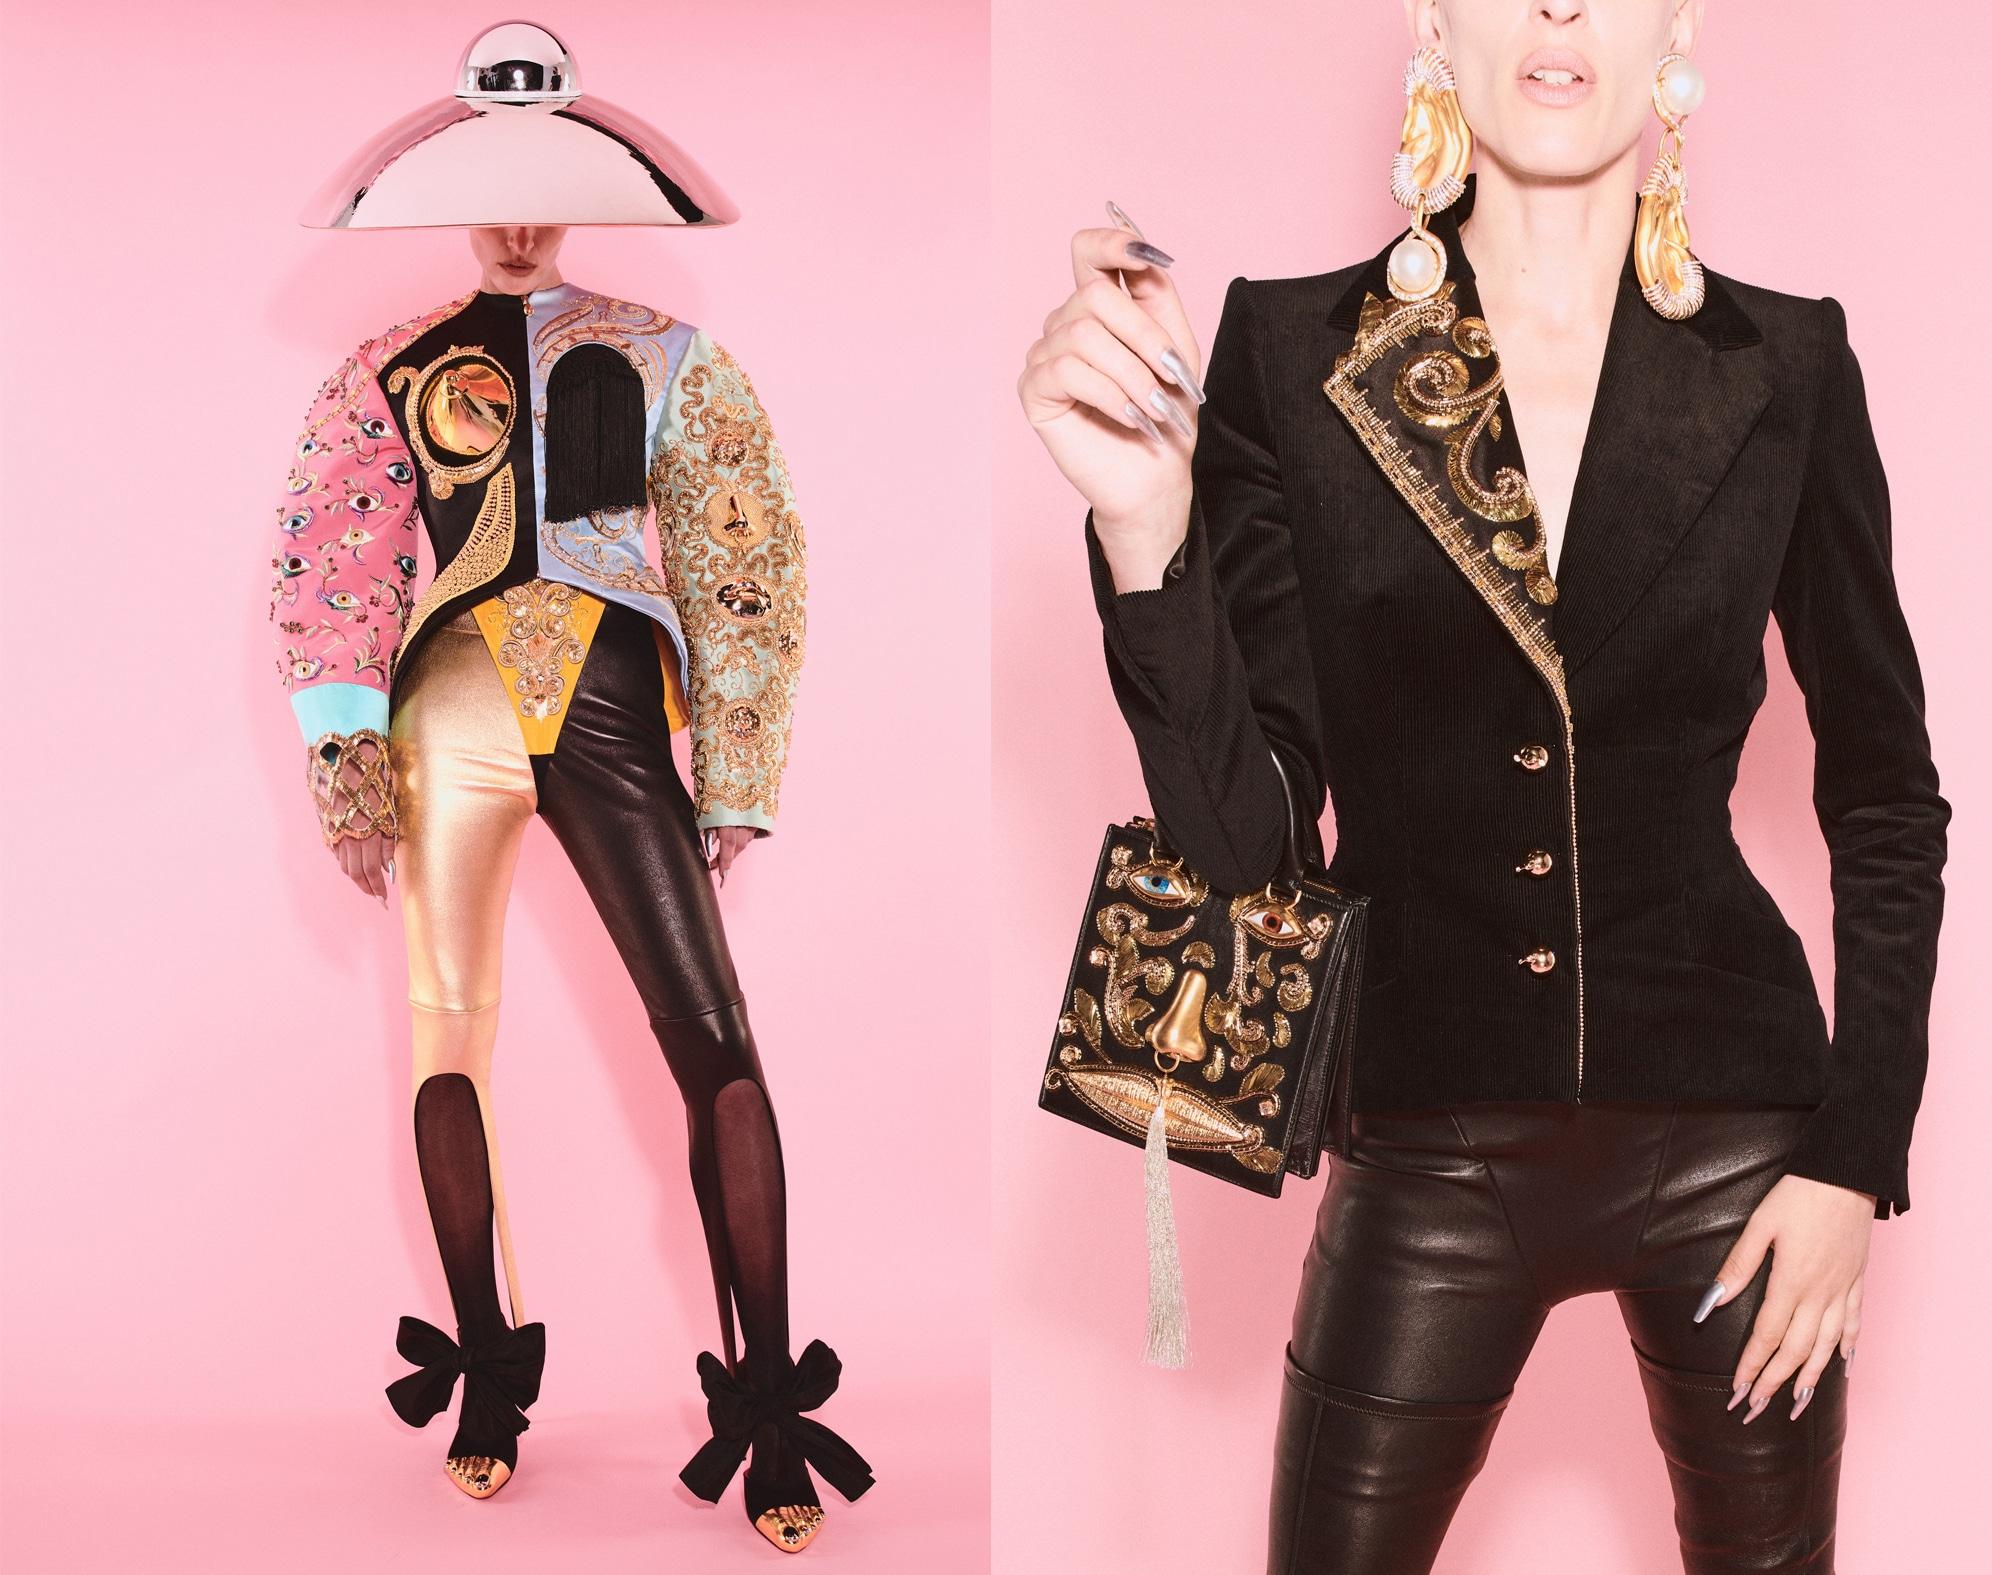 """Schaipparelli Haute Couture Daniel Roseberry ha mandato in scena """"The Matador"""": Una collezione che onora la visione di Elsa ma non ne è schiava. Ha scelto di enfatizzare la visione bolidista della casa. Gli abiti si fondono con i gioielli oversize e provocanti. Tutti i capi sembrano conversare con alcune delle creazioni più irriverenti e fantasiose di Elsa Schiaparelli della fine degli anni '30, ricreate da Lesage, usando molte di quelle tecniche e materiali."""